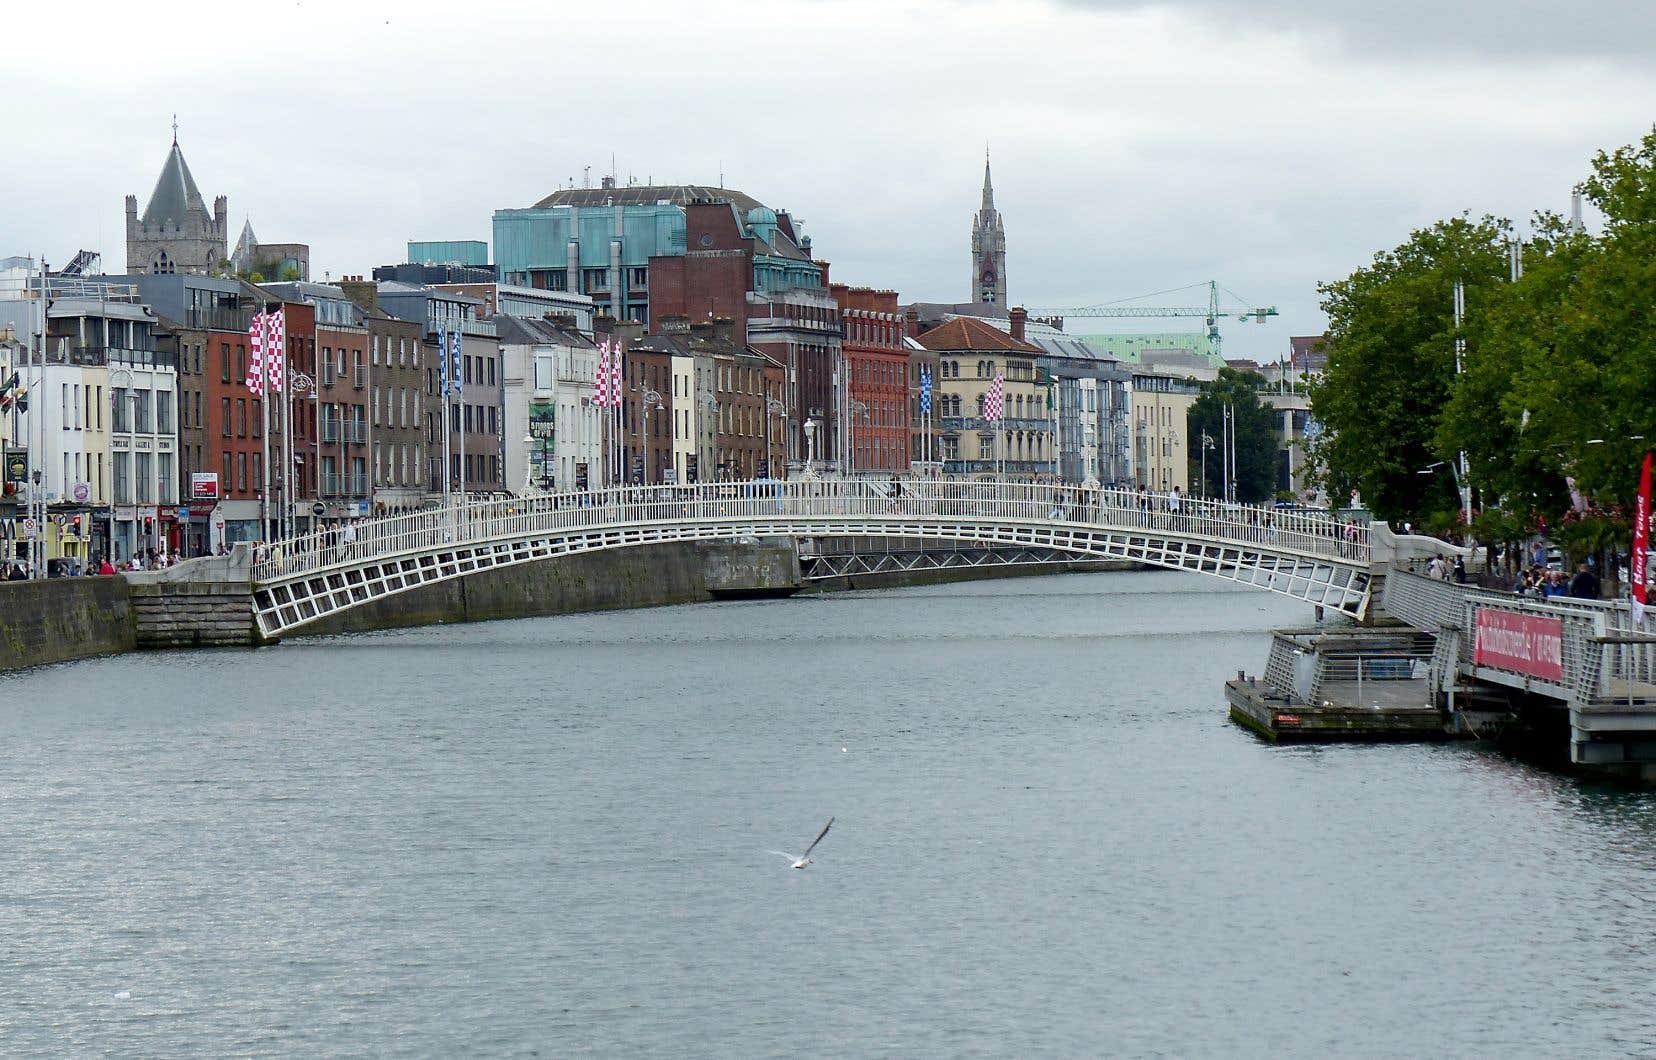 Ha'penny Bridge, une passerelle construite en 1816 passant au-dessus de la Liffey, est l'un des ponts mythiques de la capitale.